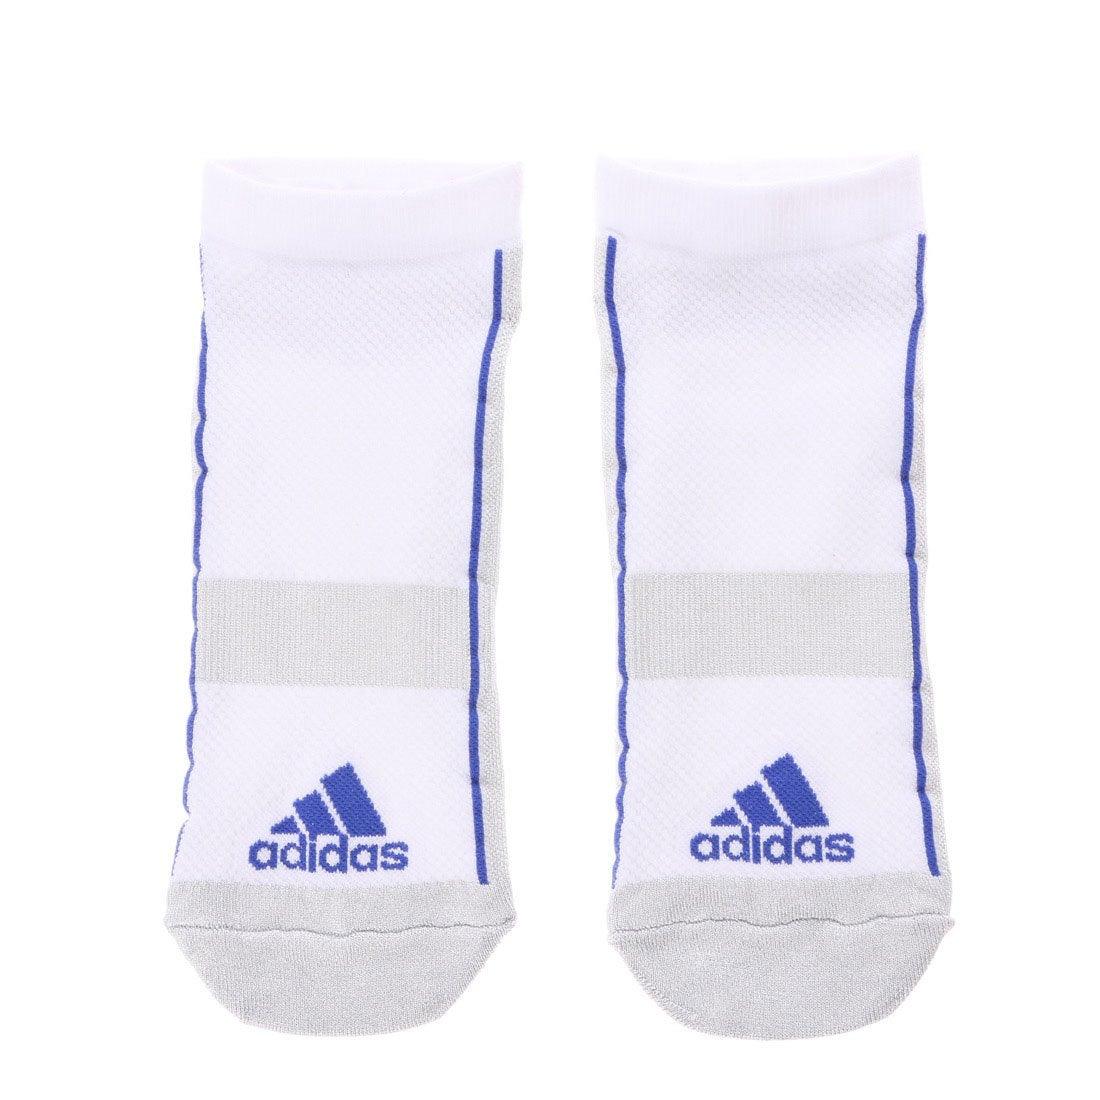 ロコンド 靴とファッションの通販サイトアディダス(adidas)ユニセックス陸上/ランニングソックスランニング360グリップレスグリップAZ4220